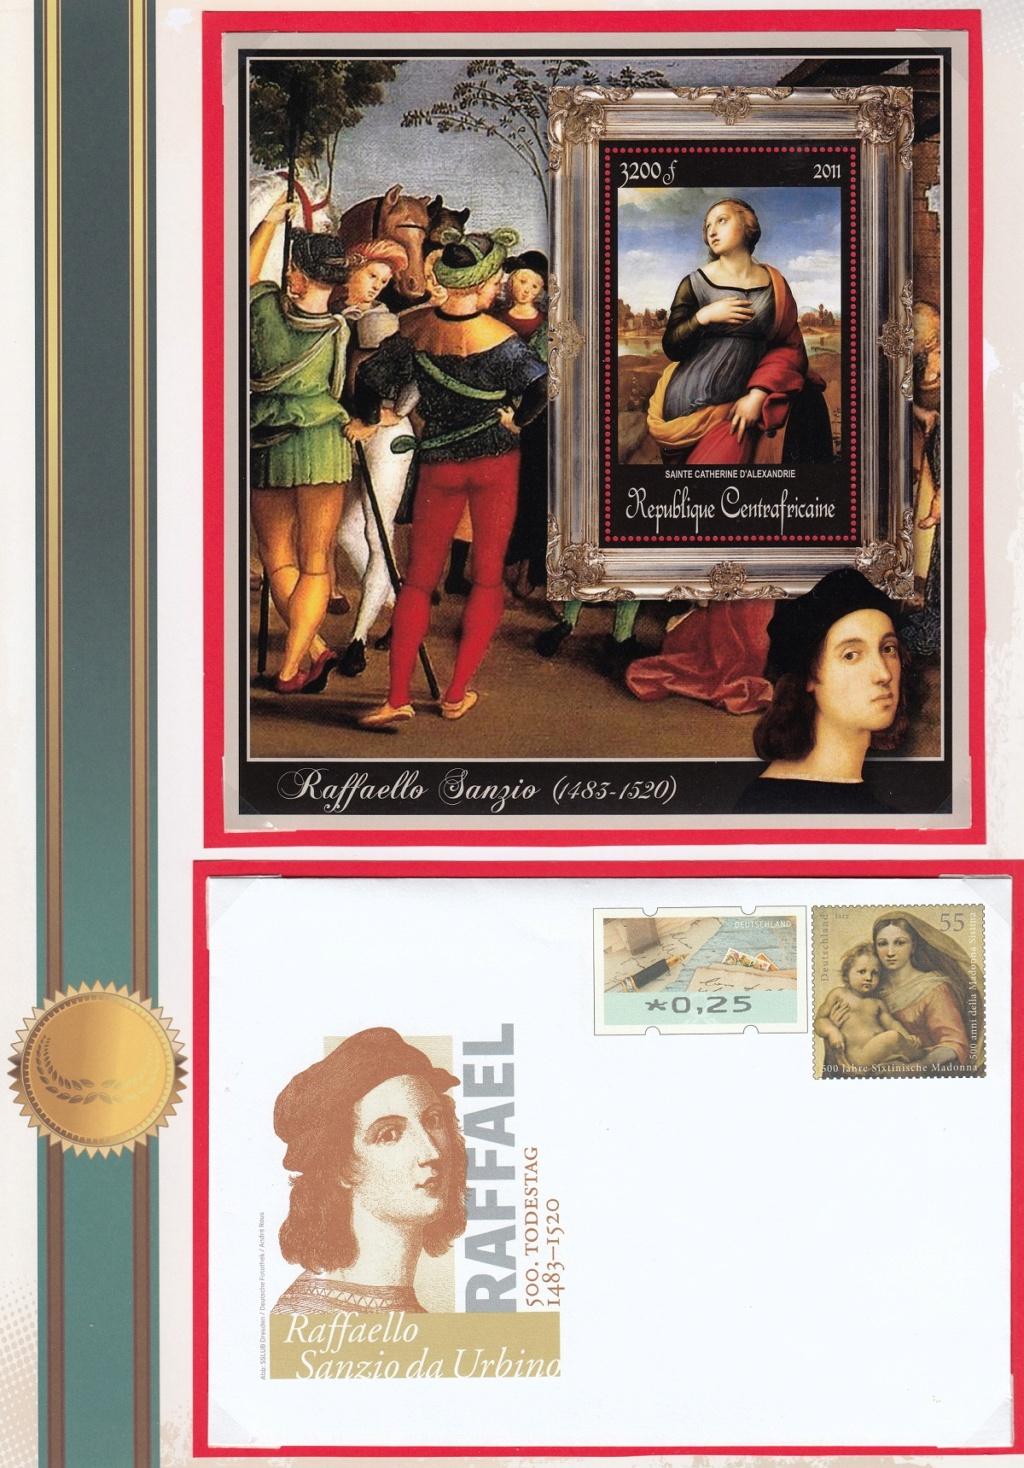 Raffael (bis in's 19. Jh hinein, galt er als der größte Maler aller Zeiten) - Seite 2 Raf610